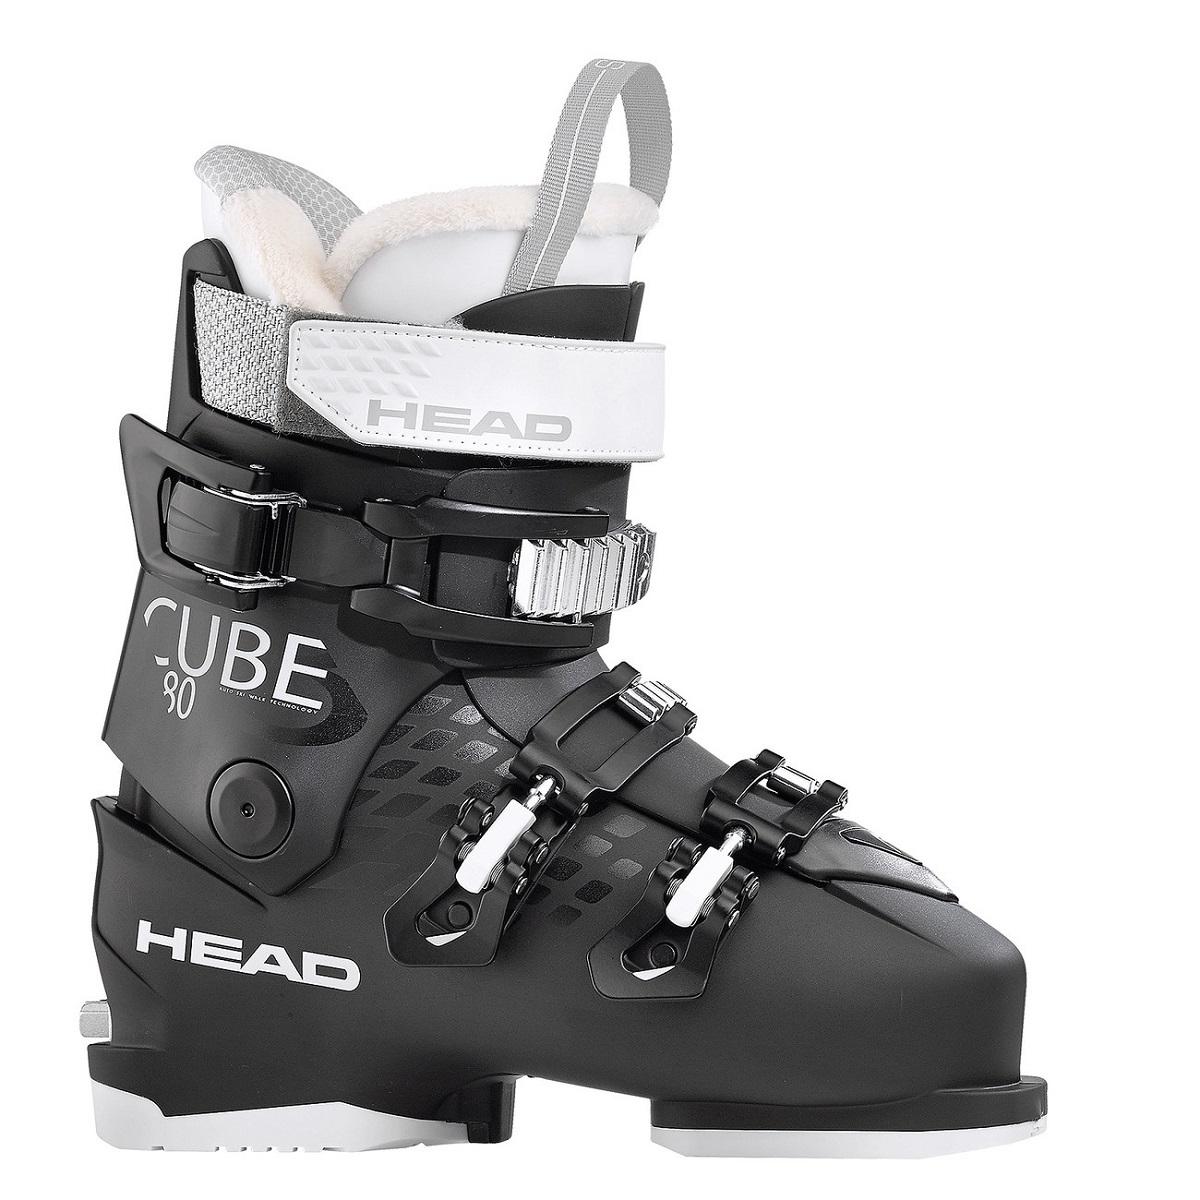 46dbae22 Buty narciarskie Head Cube3 80 W Czarny 25/25.5 - 7600257850 ...